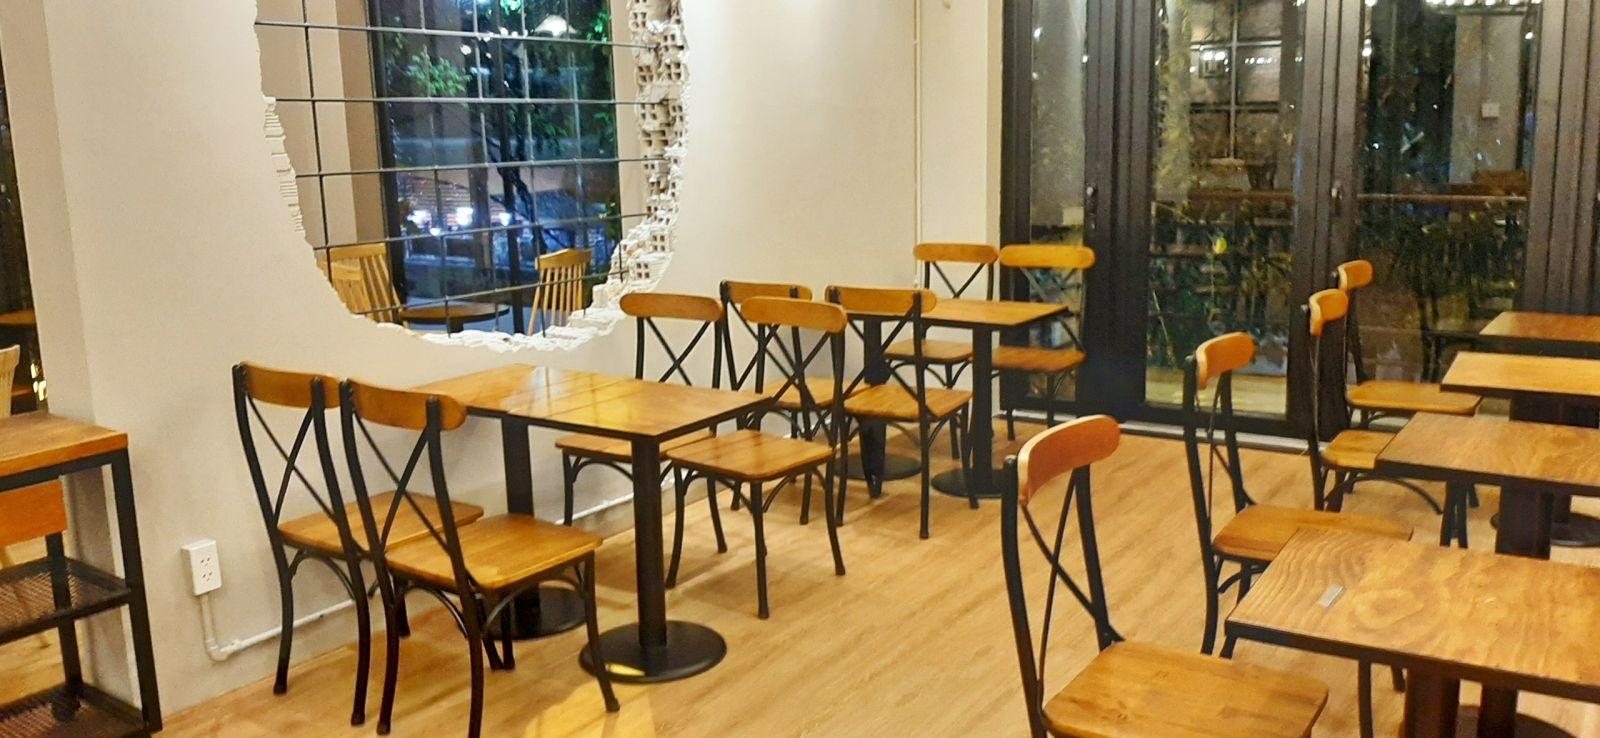 thi-cong-noi-thuc-quan-cafe-thuc-coffee-hoa-phuong-22